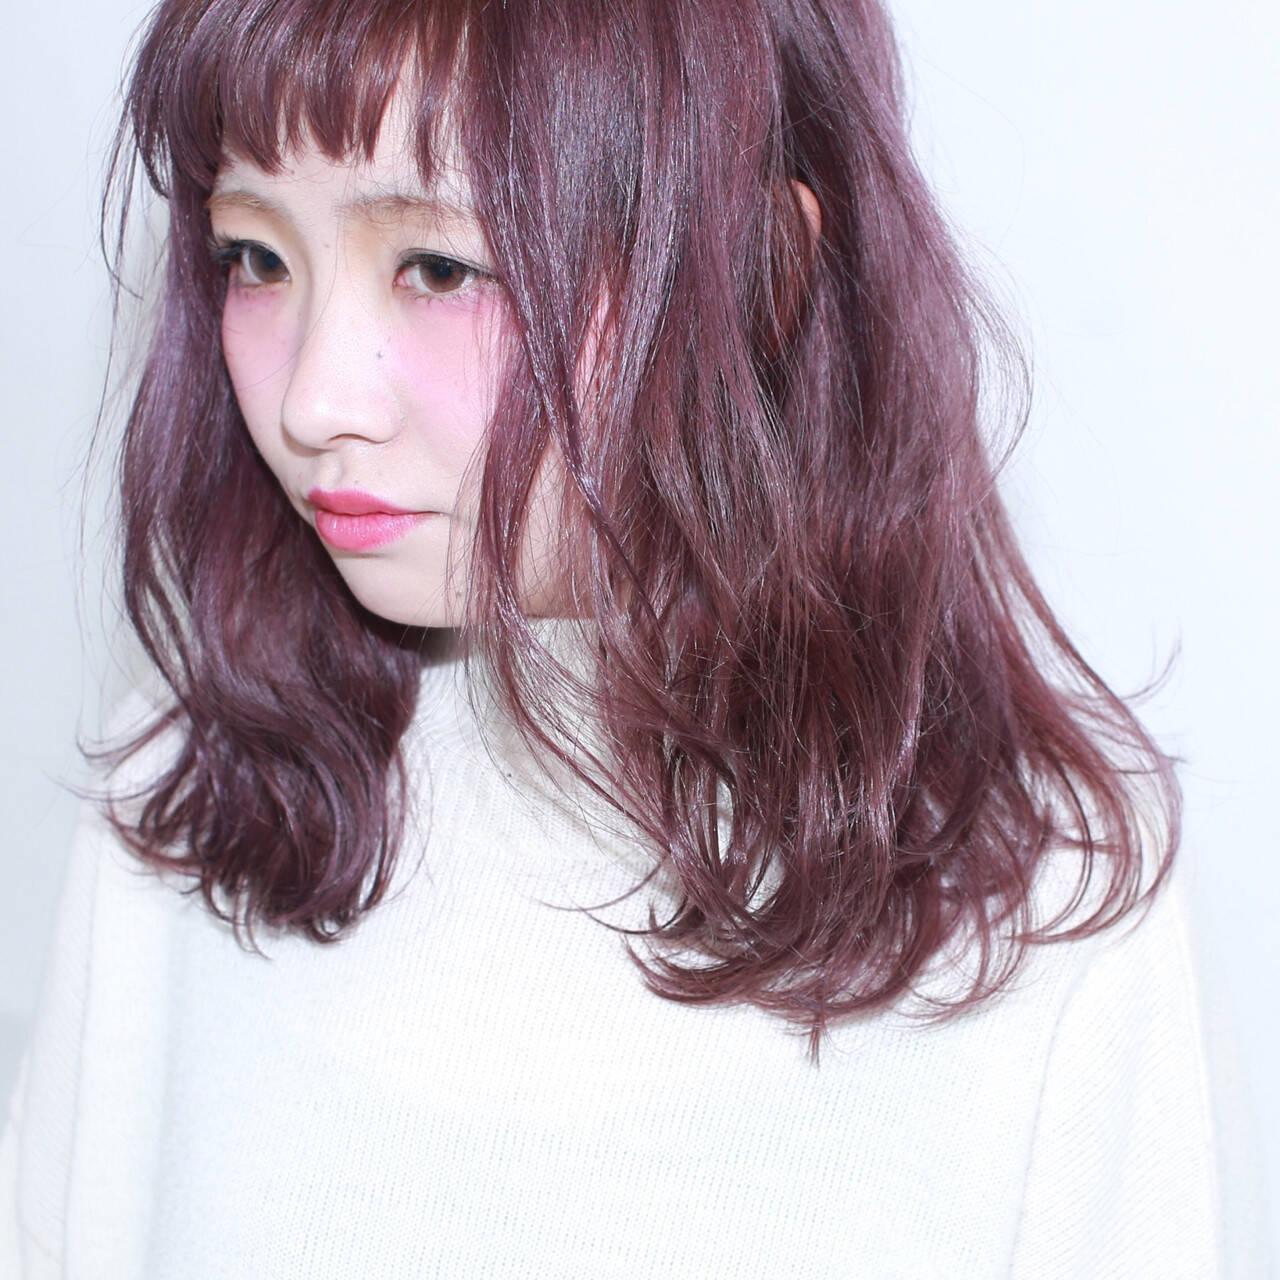 ミディアム 暗髪 ダブルカラー ストリートヘアスタイルや髪型の写真・画像